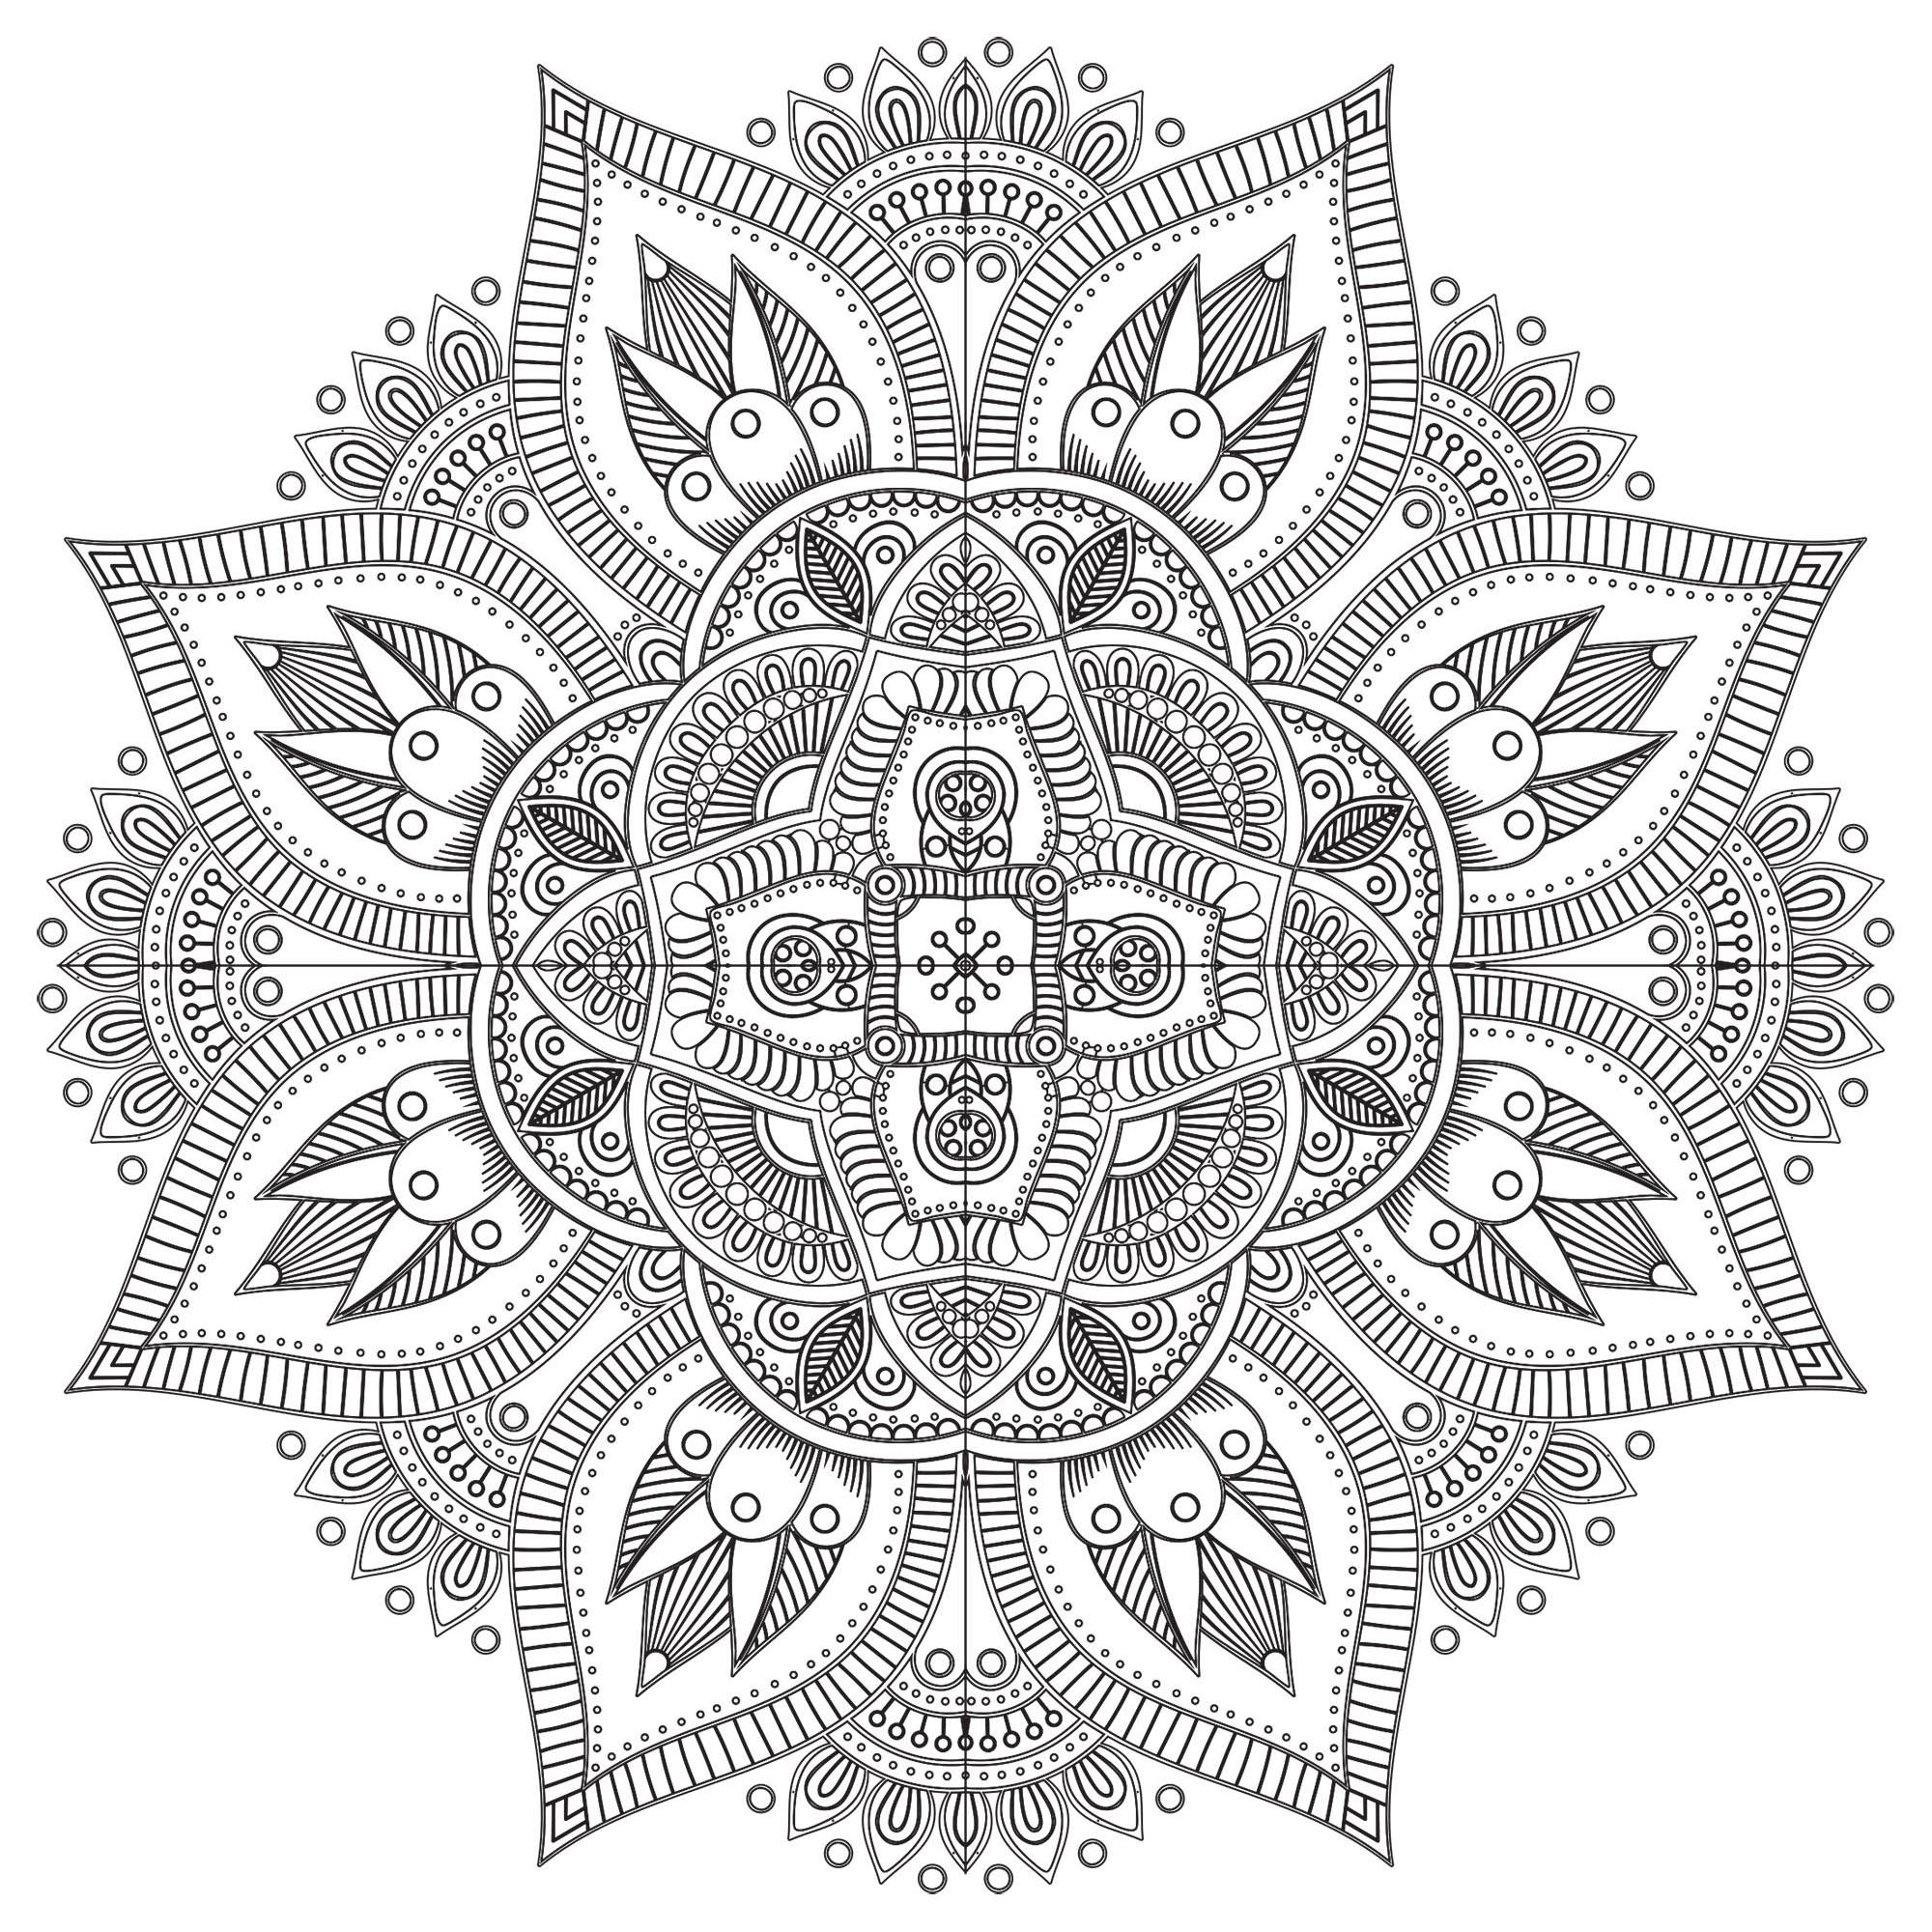 Quand le coloriage devient réellement de l'Art Thérapie ... C'est le cas avec ce coloriage de Mandala très harmonieux et délicat, symbolisant, si vous souhaitez le voir ainsi, une jolie fleur pleine de vie.